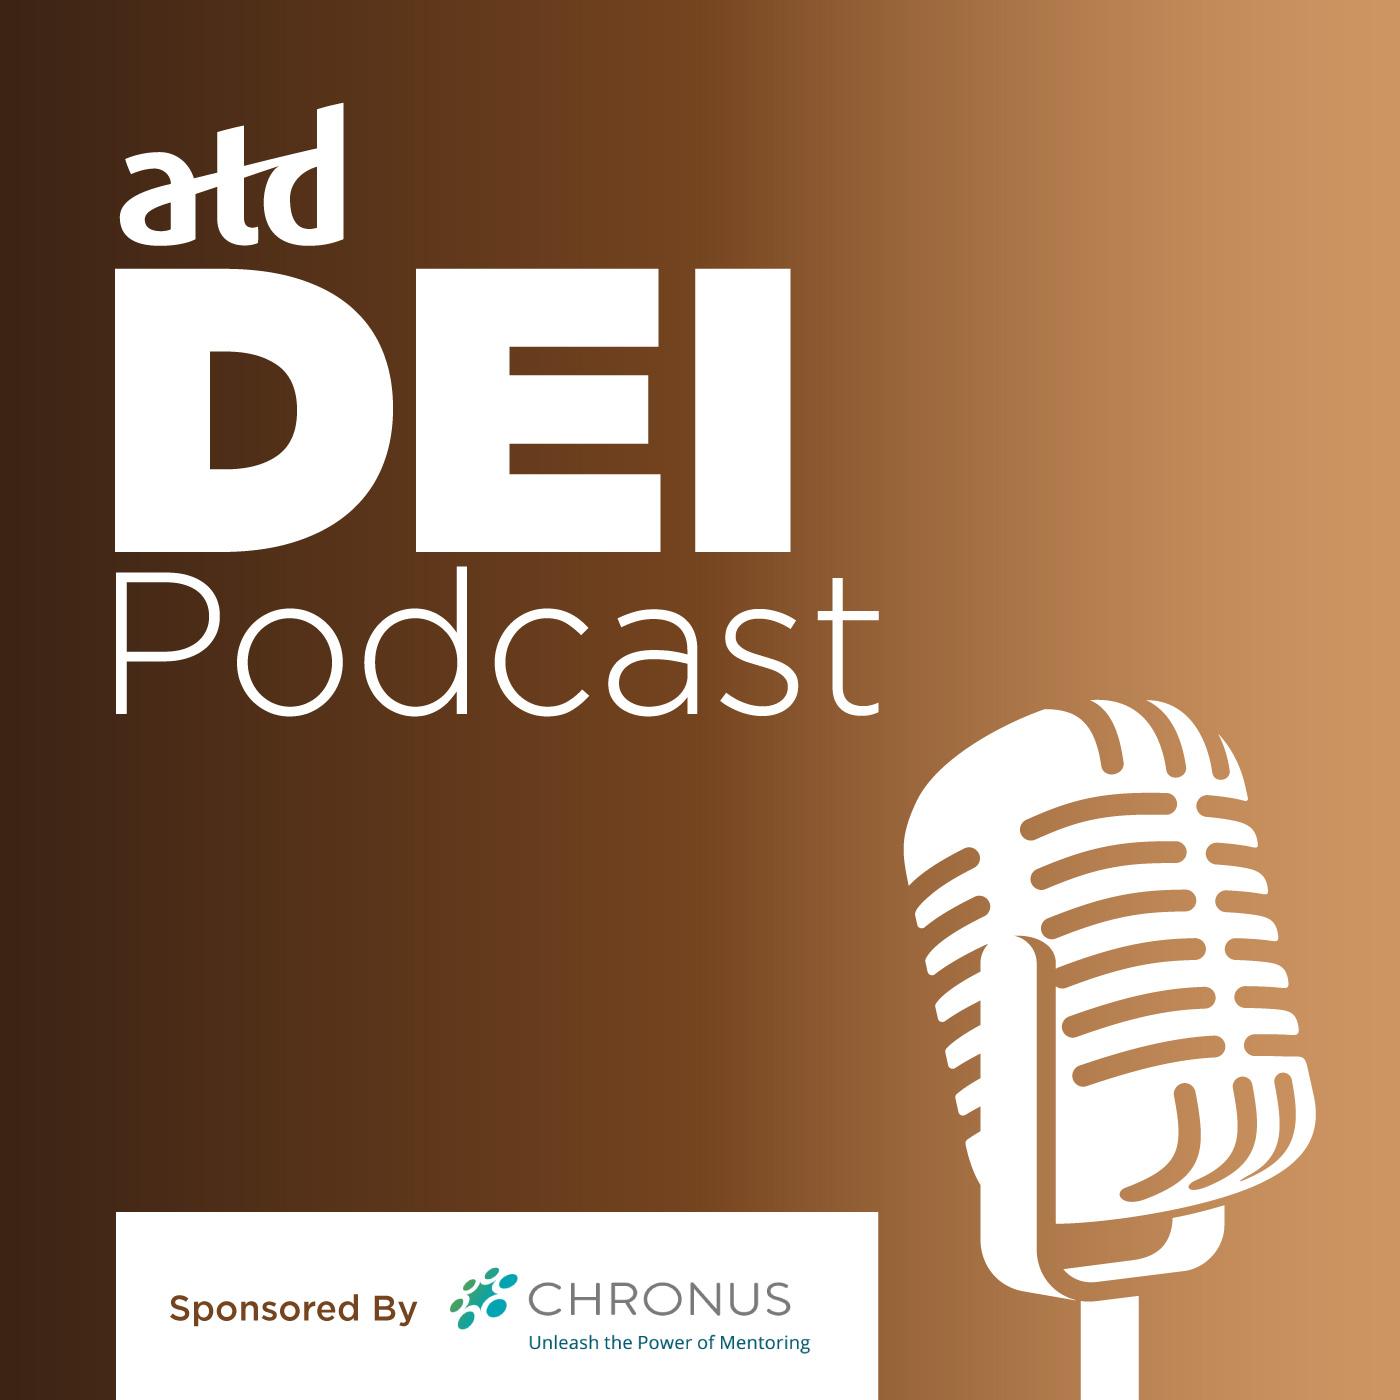 ATD DE&I Podcast show art